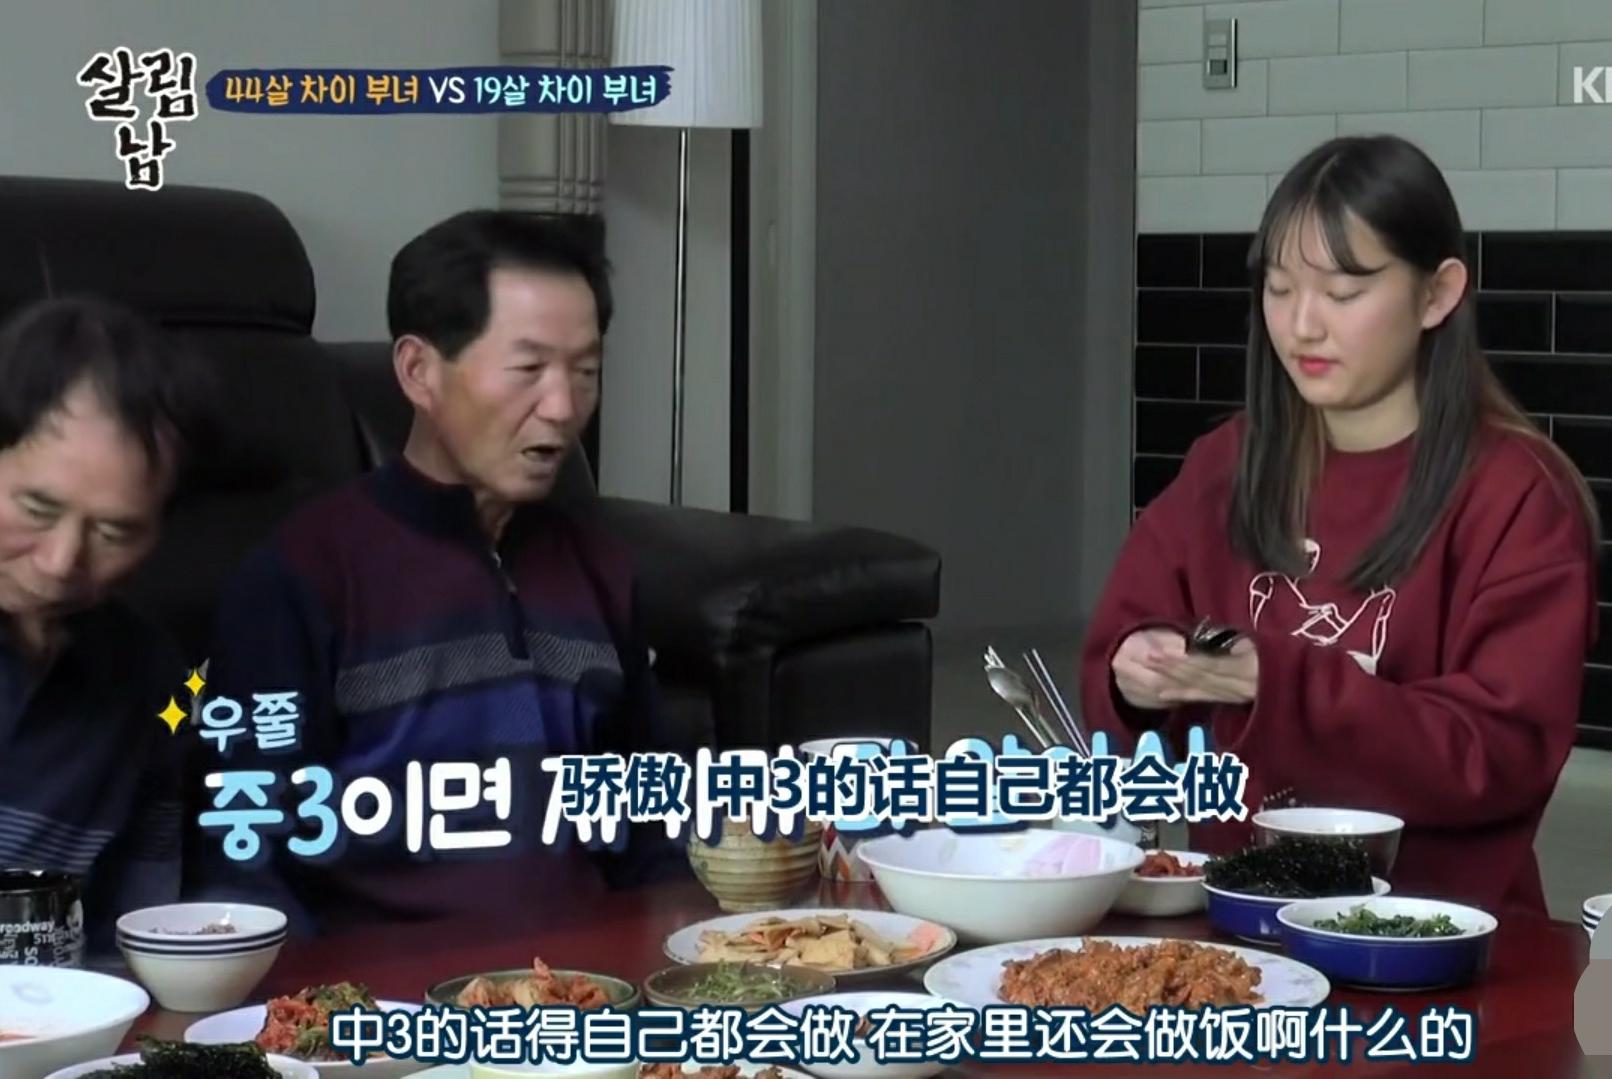 韩国夫妇羡慕小叔子有女儿,直接夸自己儿子很会做事,结果尴尬了